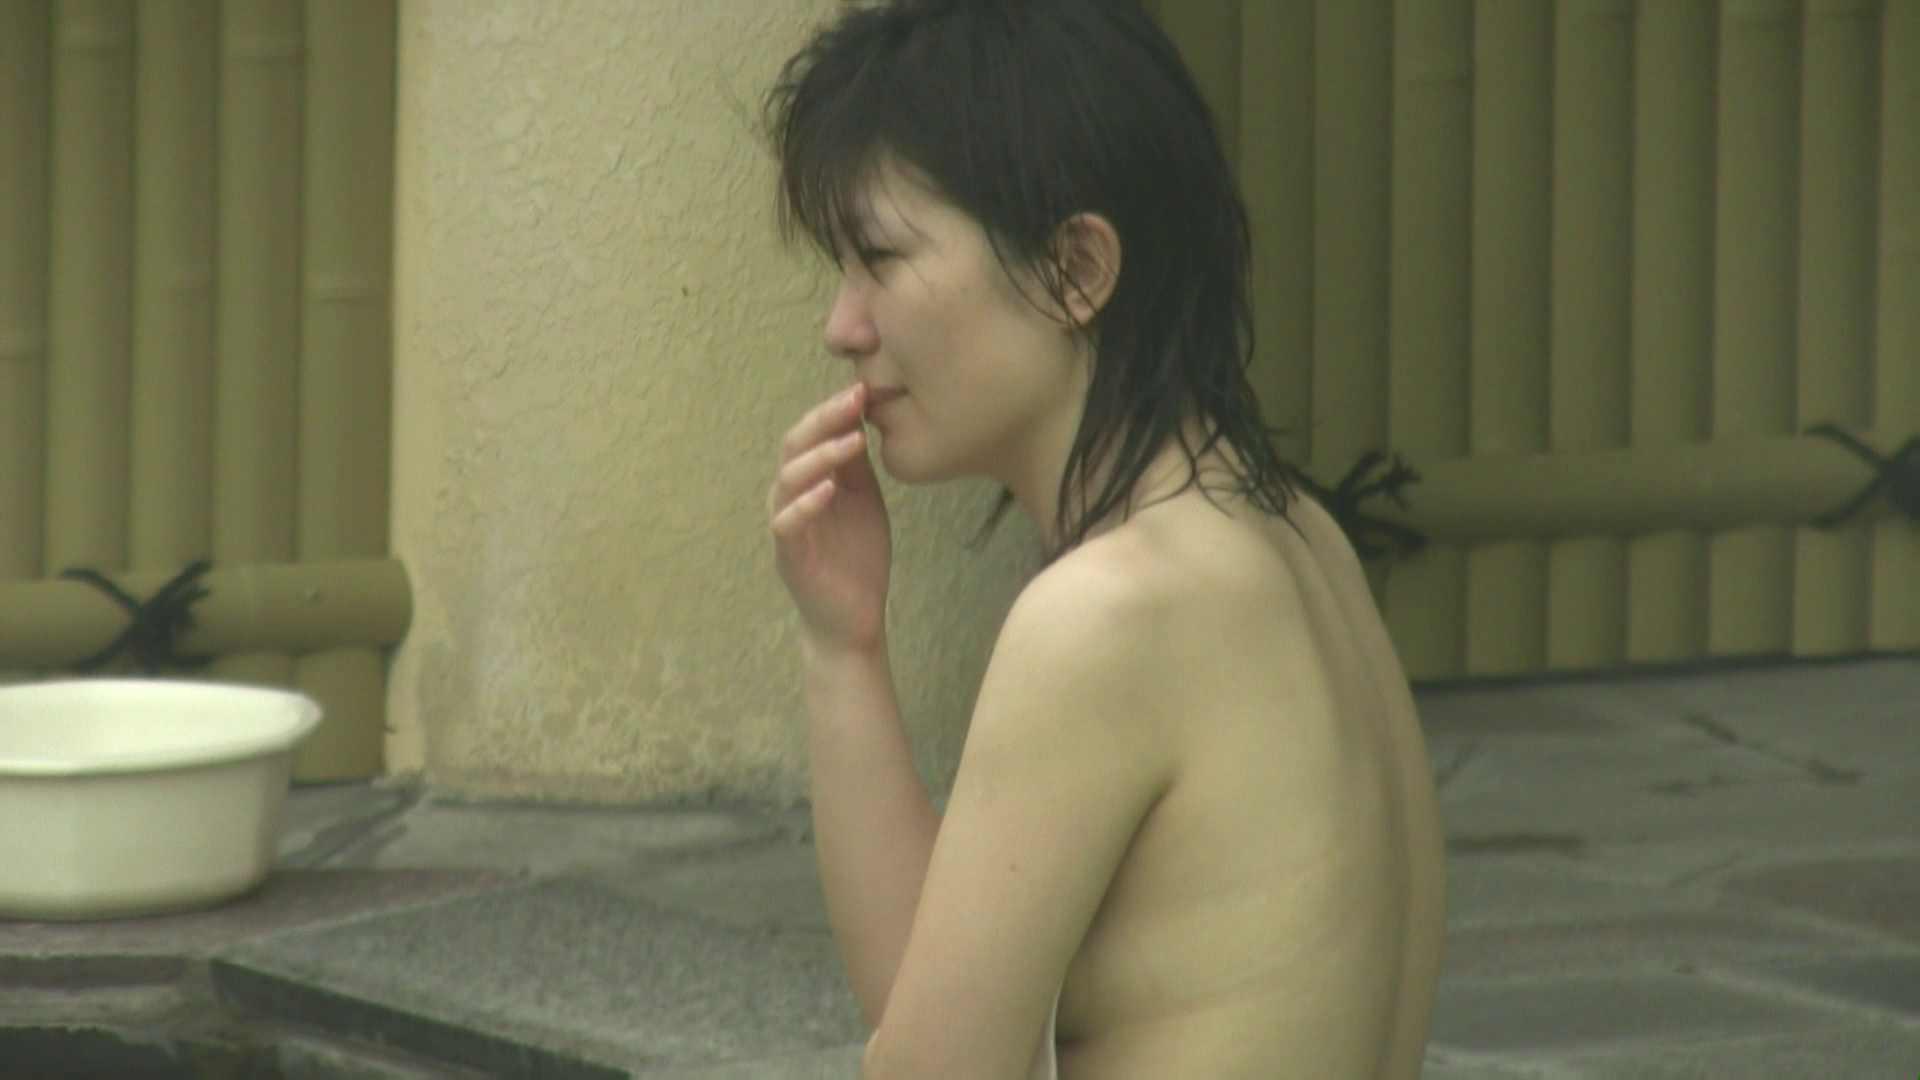 高画質露天女風呂観察 vol.024 望遠 | 乙女  61画像 36